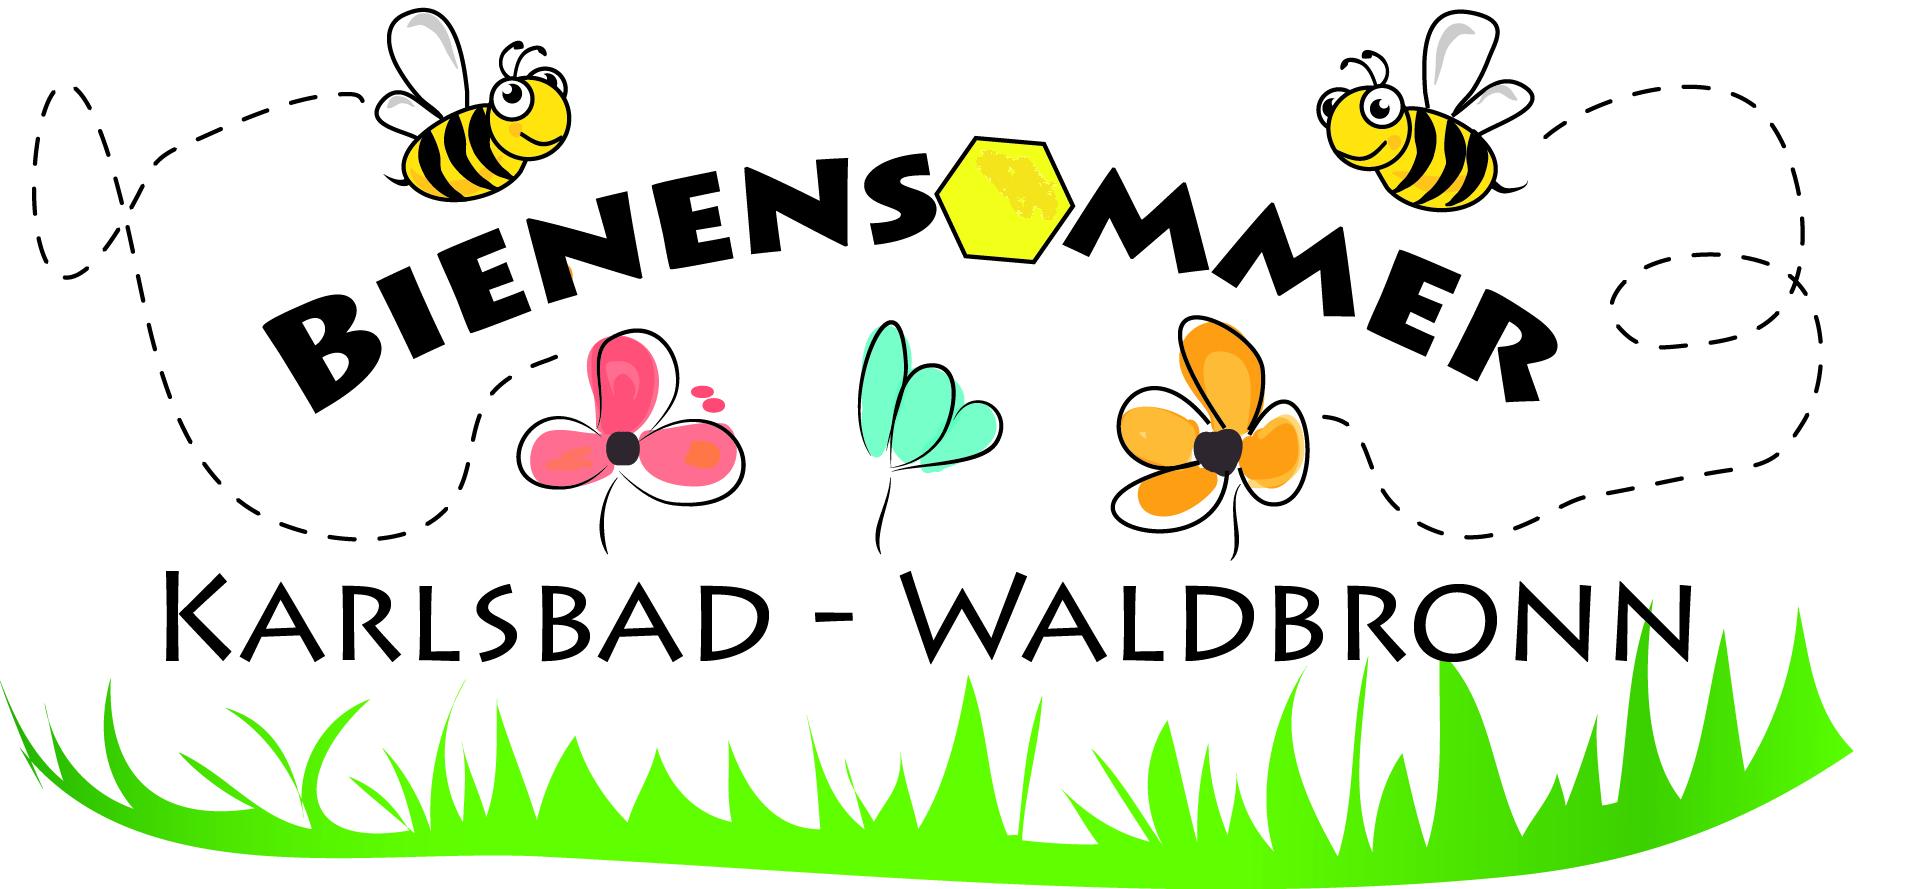 Bienensommer logo gemeinsam